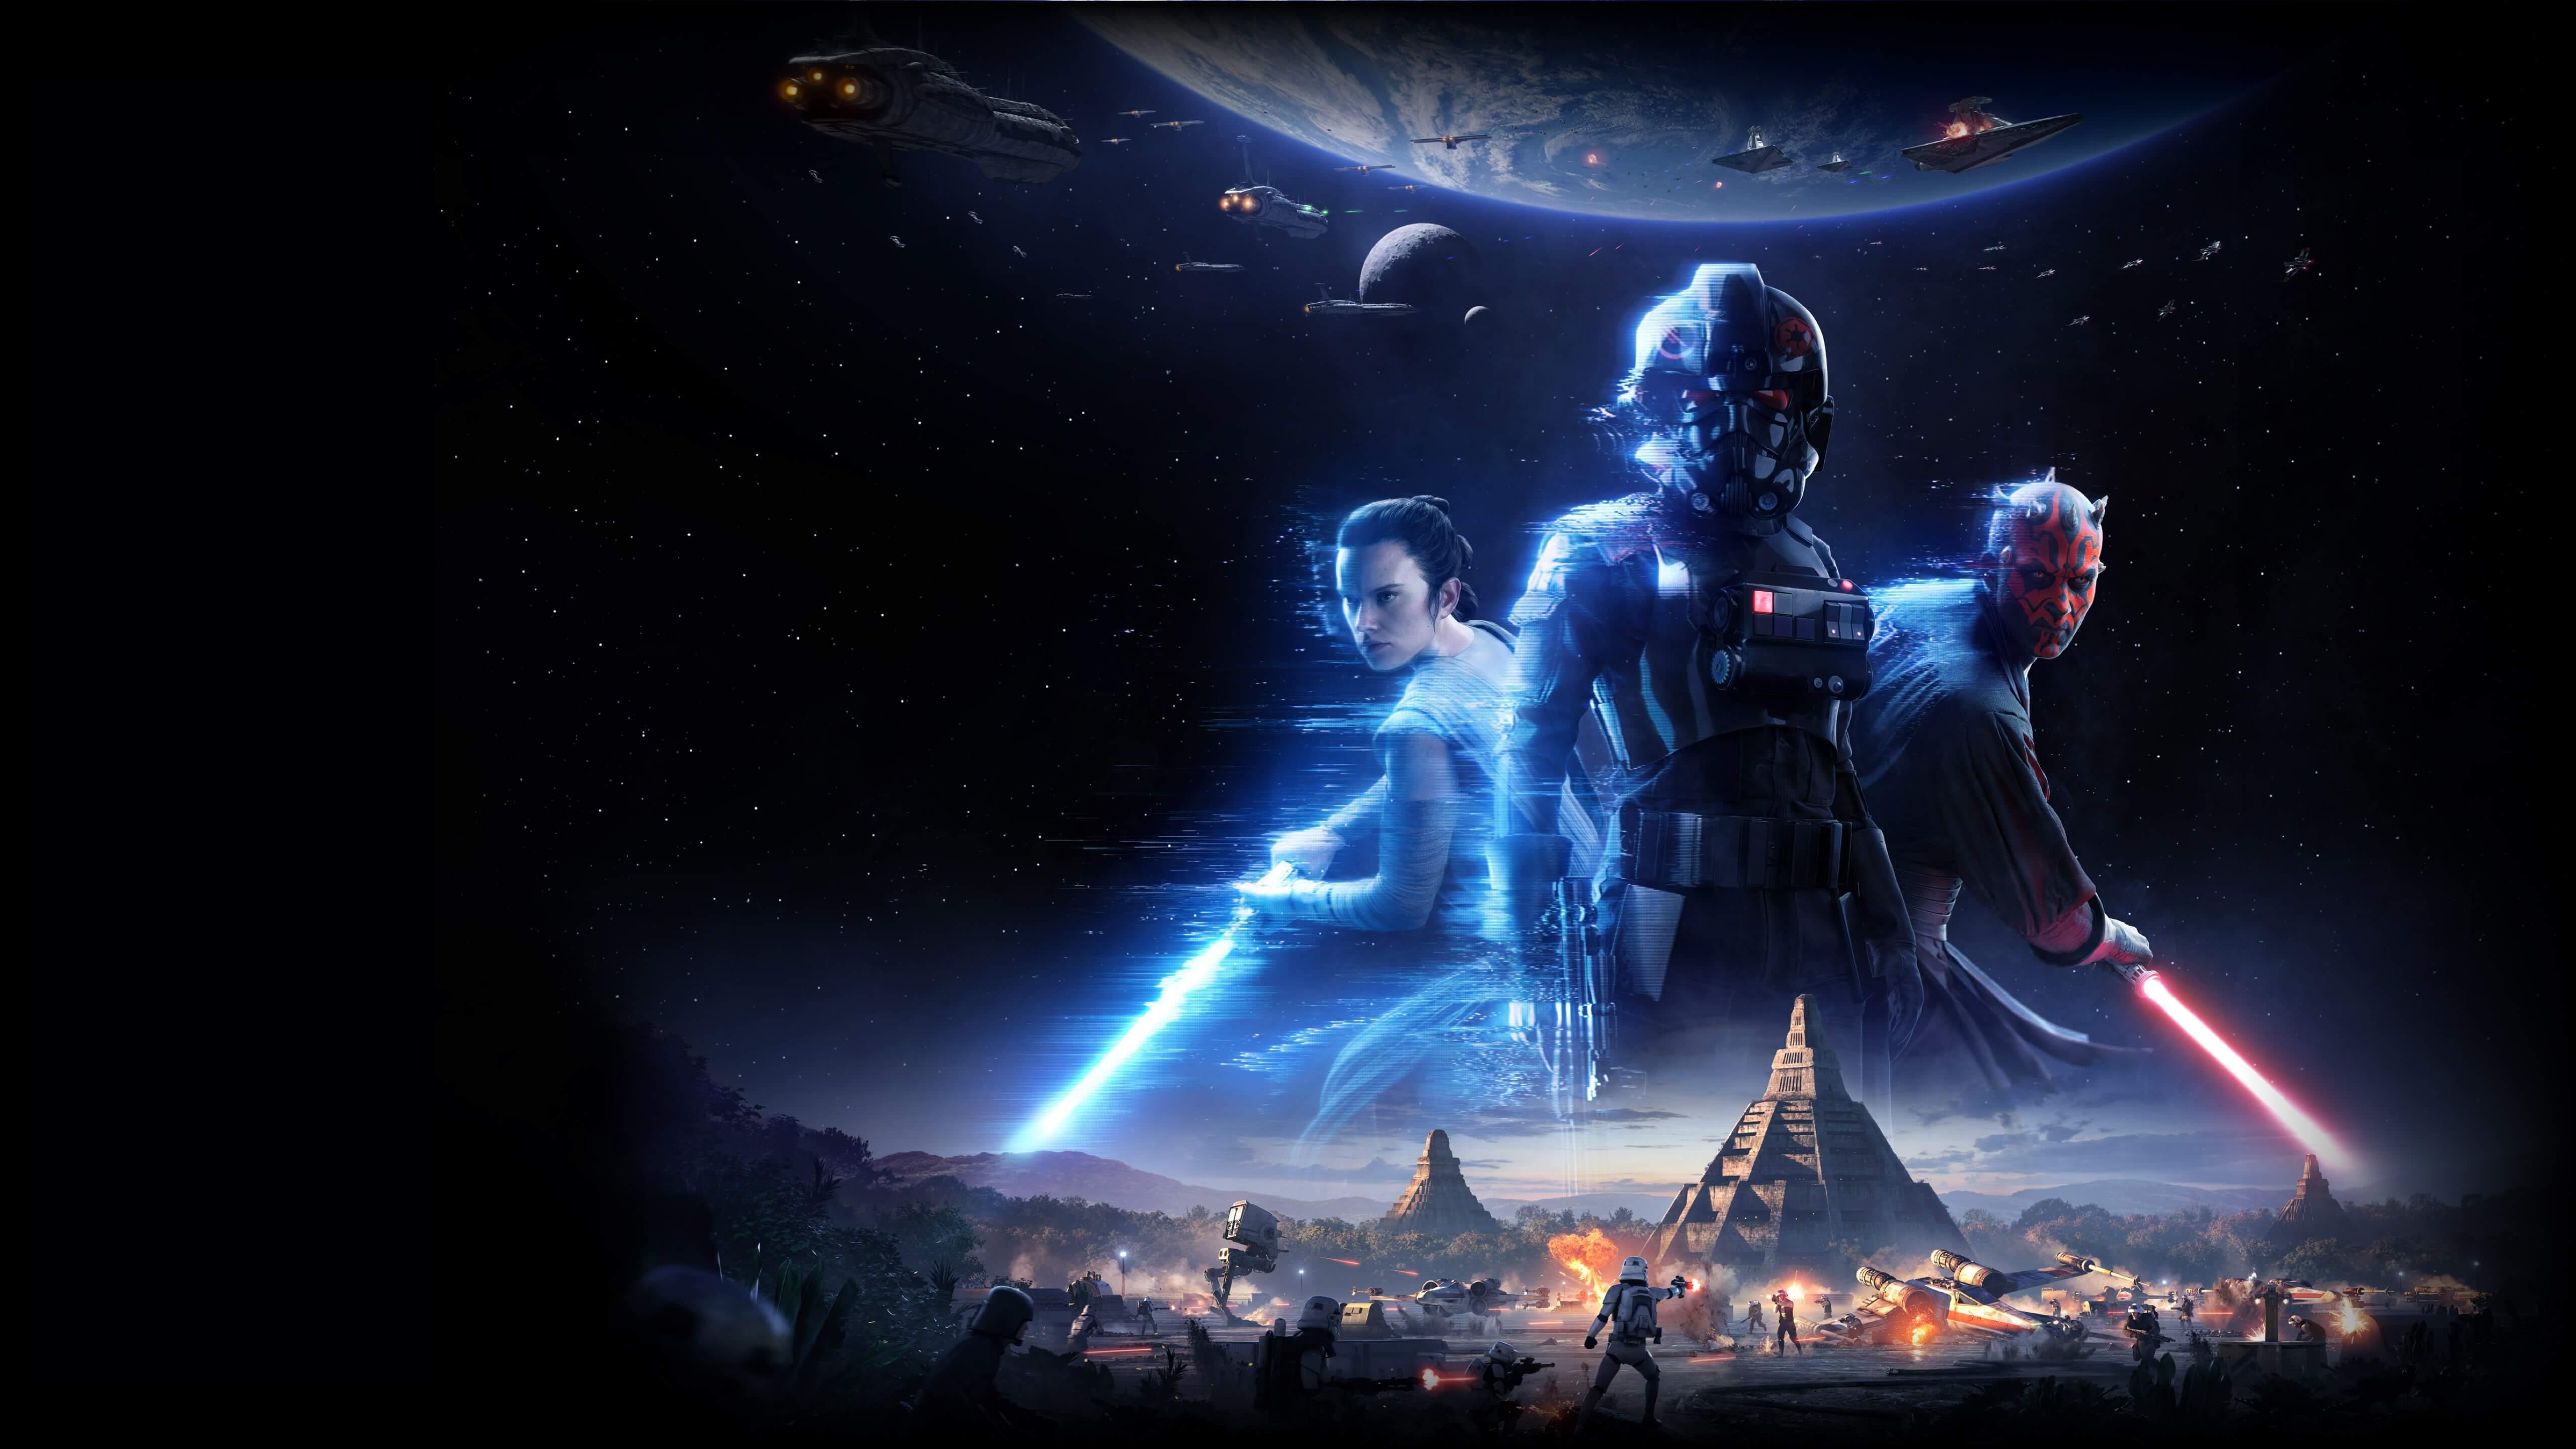 Star Wars Jedi Wallpapers Top Free Star Wars Jedi